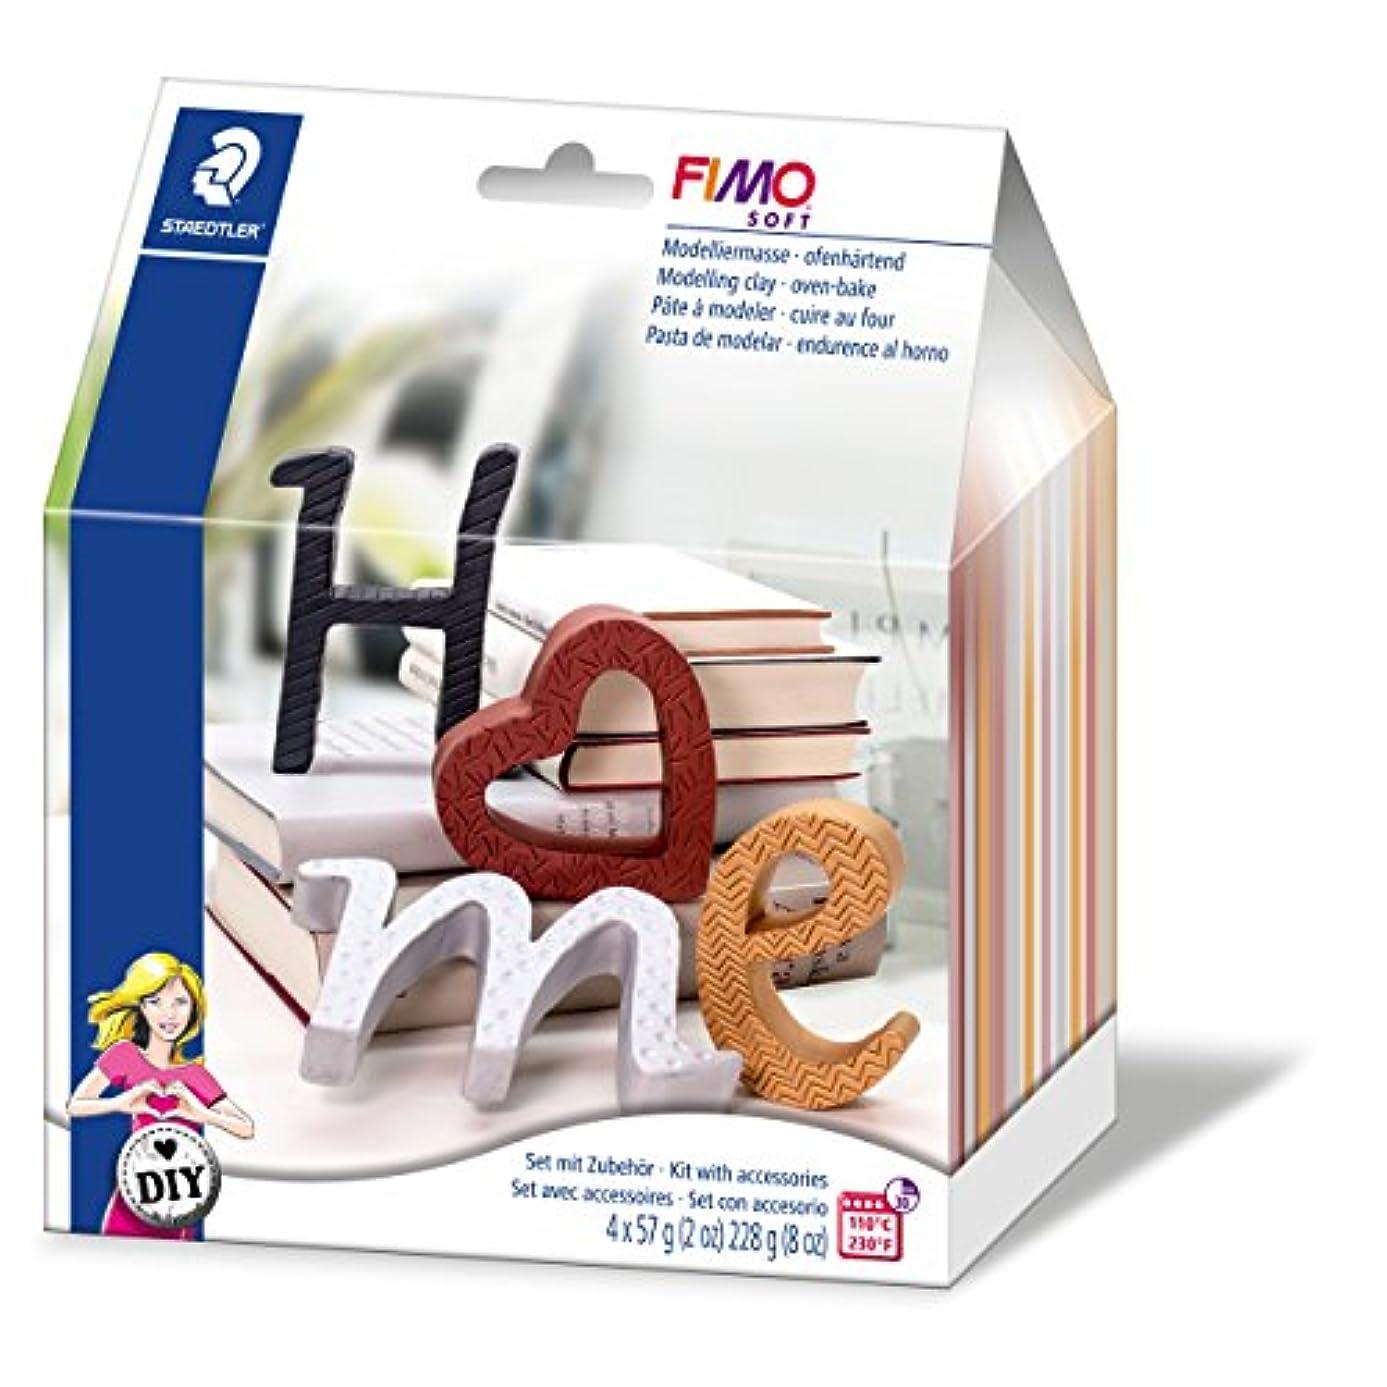 STAEDTLER Fimo Soft 8025?11?DIY Home Deco Set 'Letters'